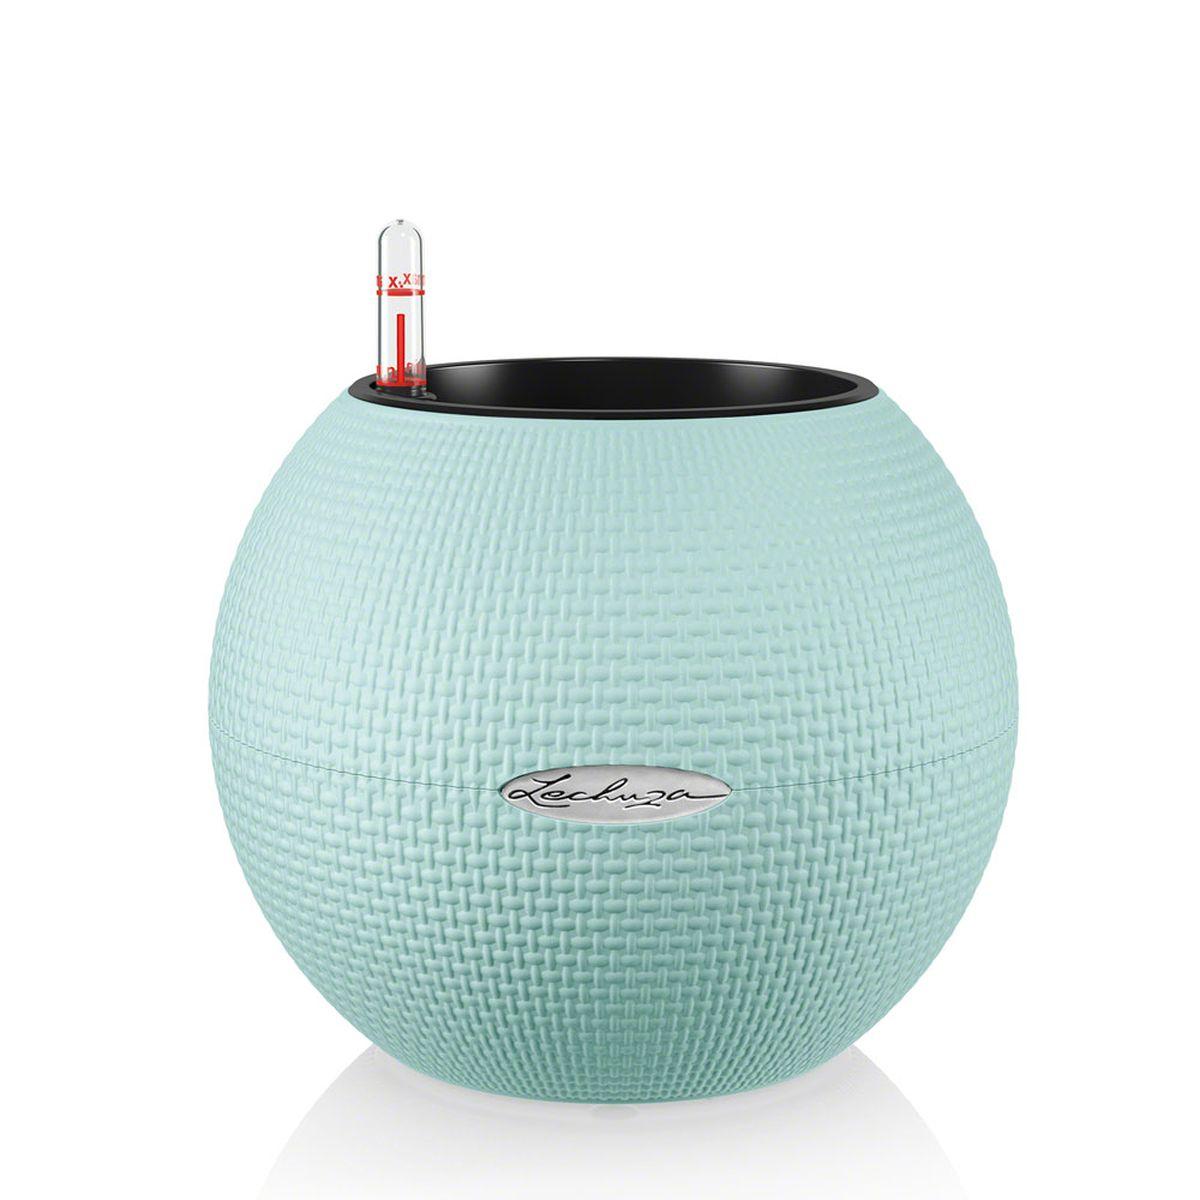 Кашпо Lechuza Color Puro, с системой автополива, цвет: голубой, диаметр 20 см13361Круглое кашпо Lechuza Color Puro, выполненное из высококачественного пластика, имеет уникальную систему автополива, благодаря которой корневая система растения непрерывно снабжается влагой из резервуара. Уровень воды в резервуаре контролируется с помощью специального индикатора. В зависимости от размера кашпо и растения воды хватает на 2-12 недель. Это способствует хорошему росту цветов и предотвращает переувлажнение. В набор входит: кашпо, внутренний горшок, индикатор уровня воды, резервуар для воды. Внутренний горшок, оснащенный выдвижными ручками, обеспечивает: - легкую переноску даже высоких растений; - легкую смену растений; - можно также просто убрать растения на зиму; - винт в днище позволяет стечь излишней дождевой воде наружу. Кашпо Lechuza Color Puro прекрасно впишется в интерьер больших холлов, террас ресторанов и уютных гостиных. Изделие поможет расставить нужные акценты и придаст помещению вид, соответствующий...